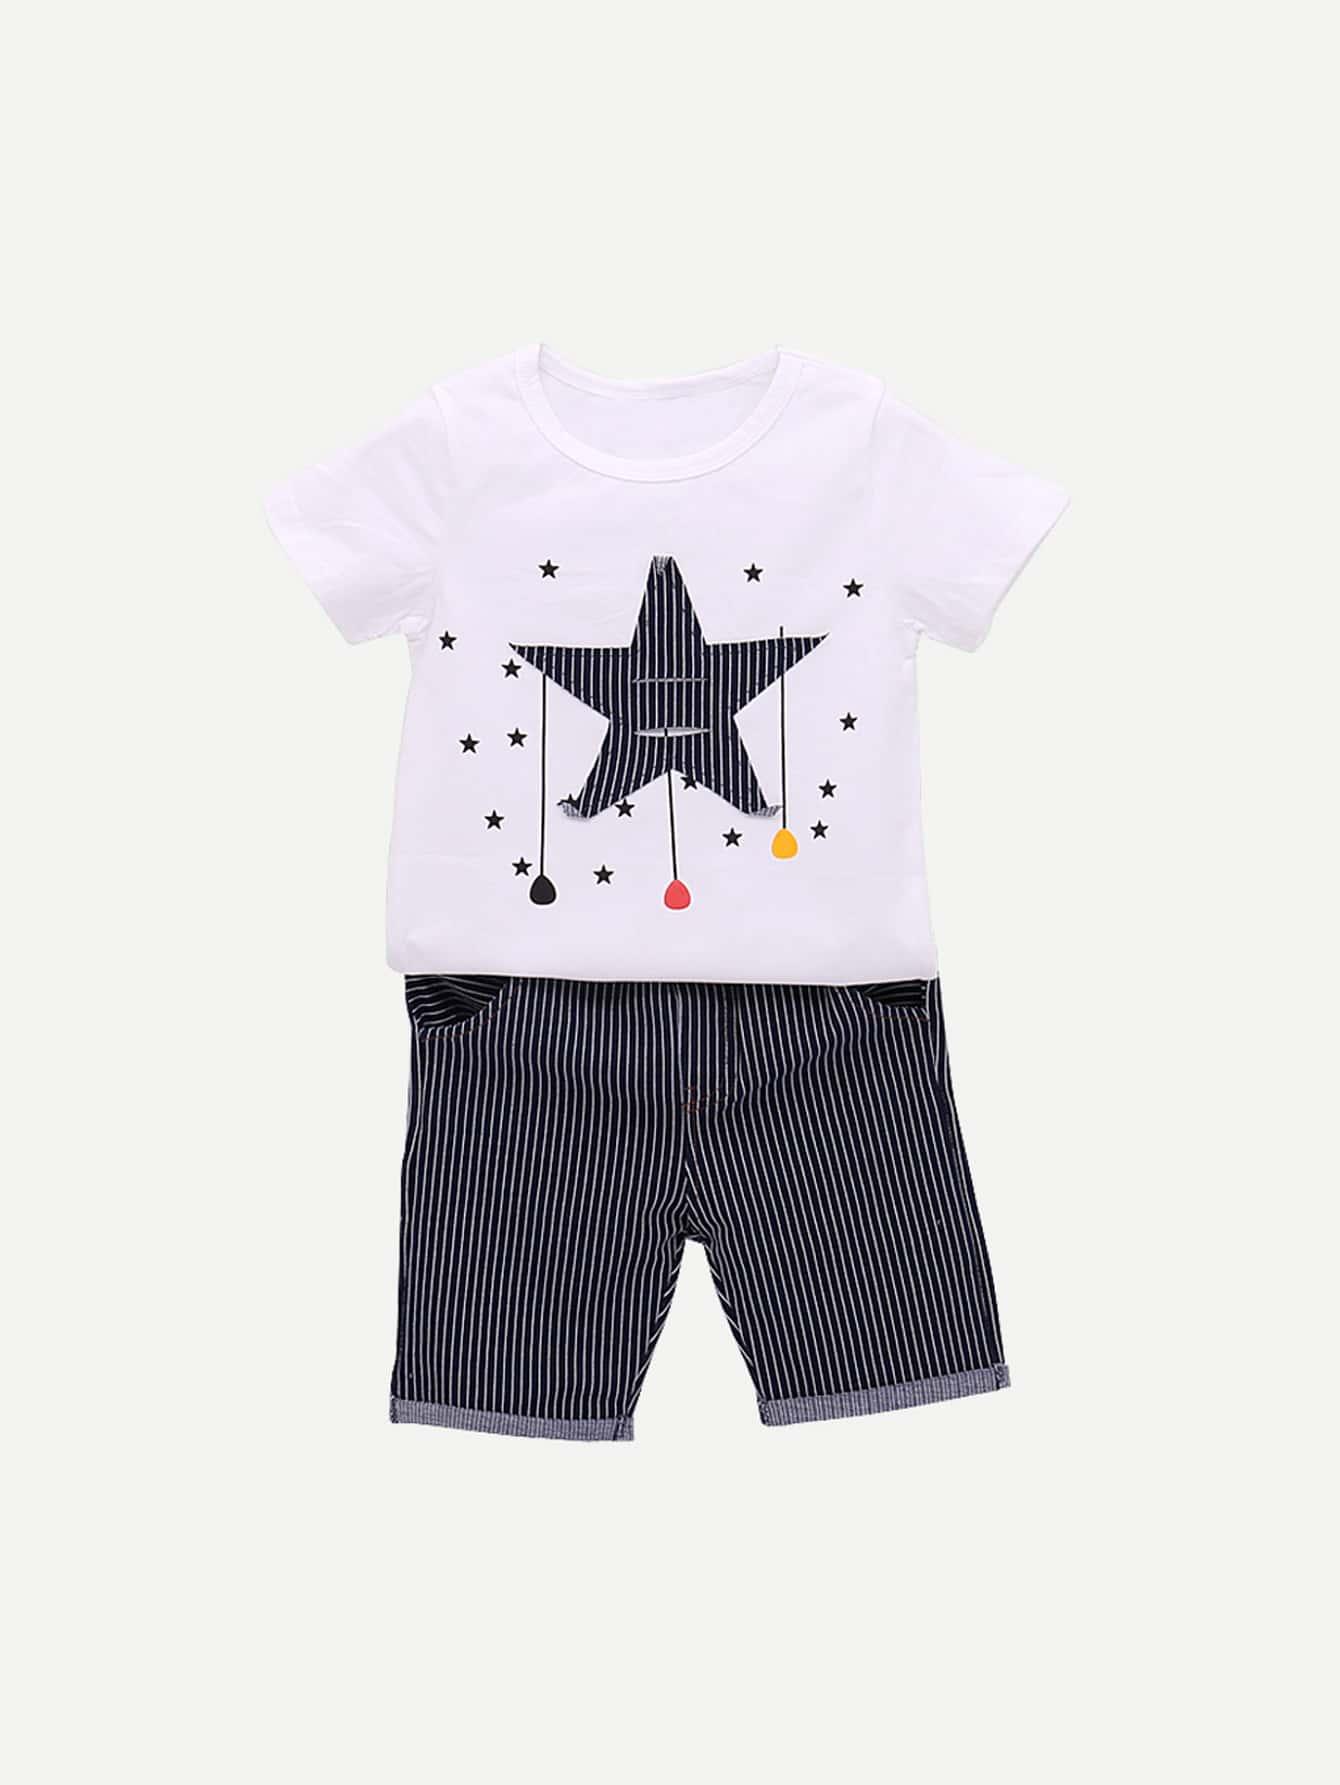 Купить Футболка с рисунками звезд и полосатые шорты и рольный подол для мадьчика, null, SheIn